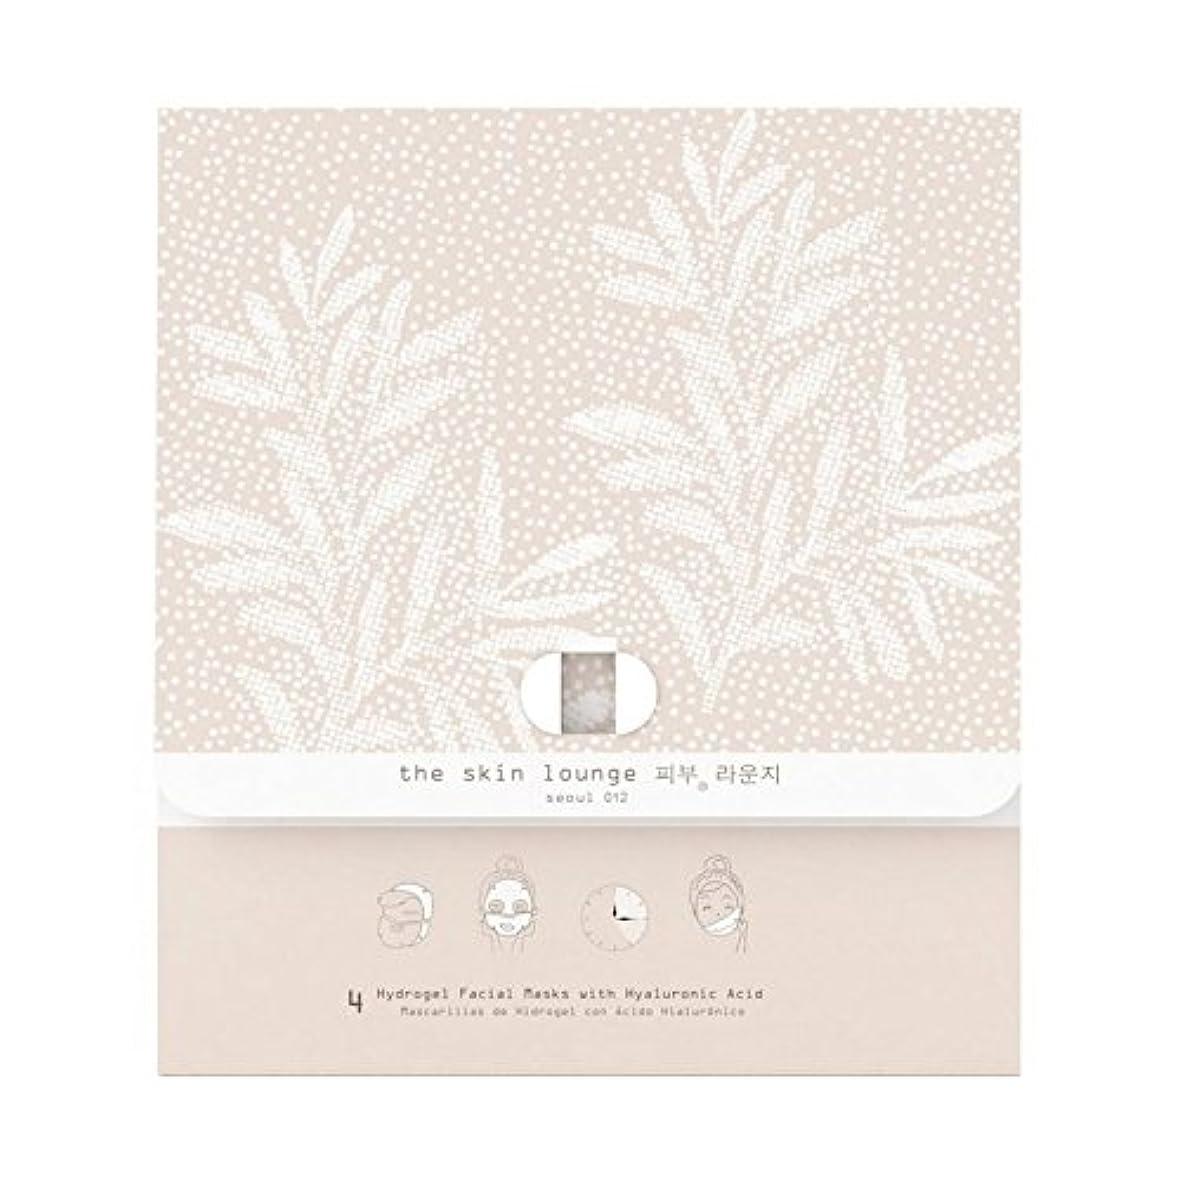 のスコア骨折溶岩4の皮膚ラウンジヒドロゲルヘクタールパック x2 - The Skin Lounge Hydrogel HA Pack of 4 (Pack of 2) [並行輸入品]